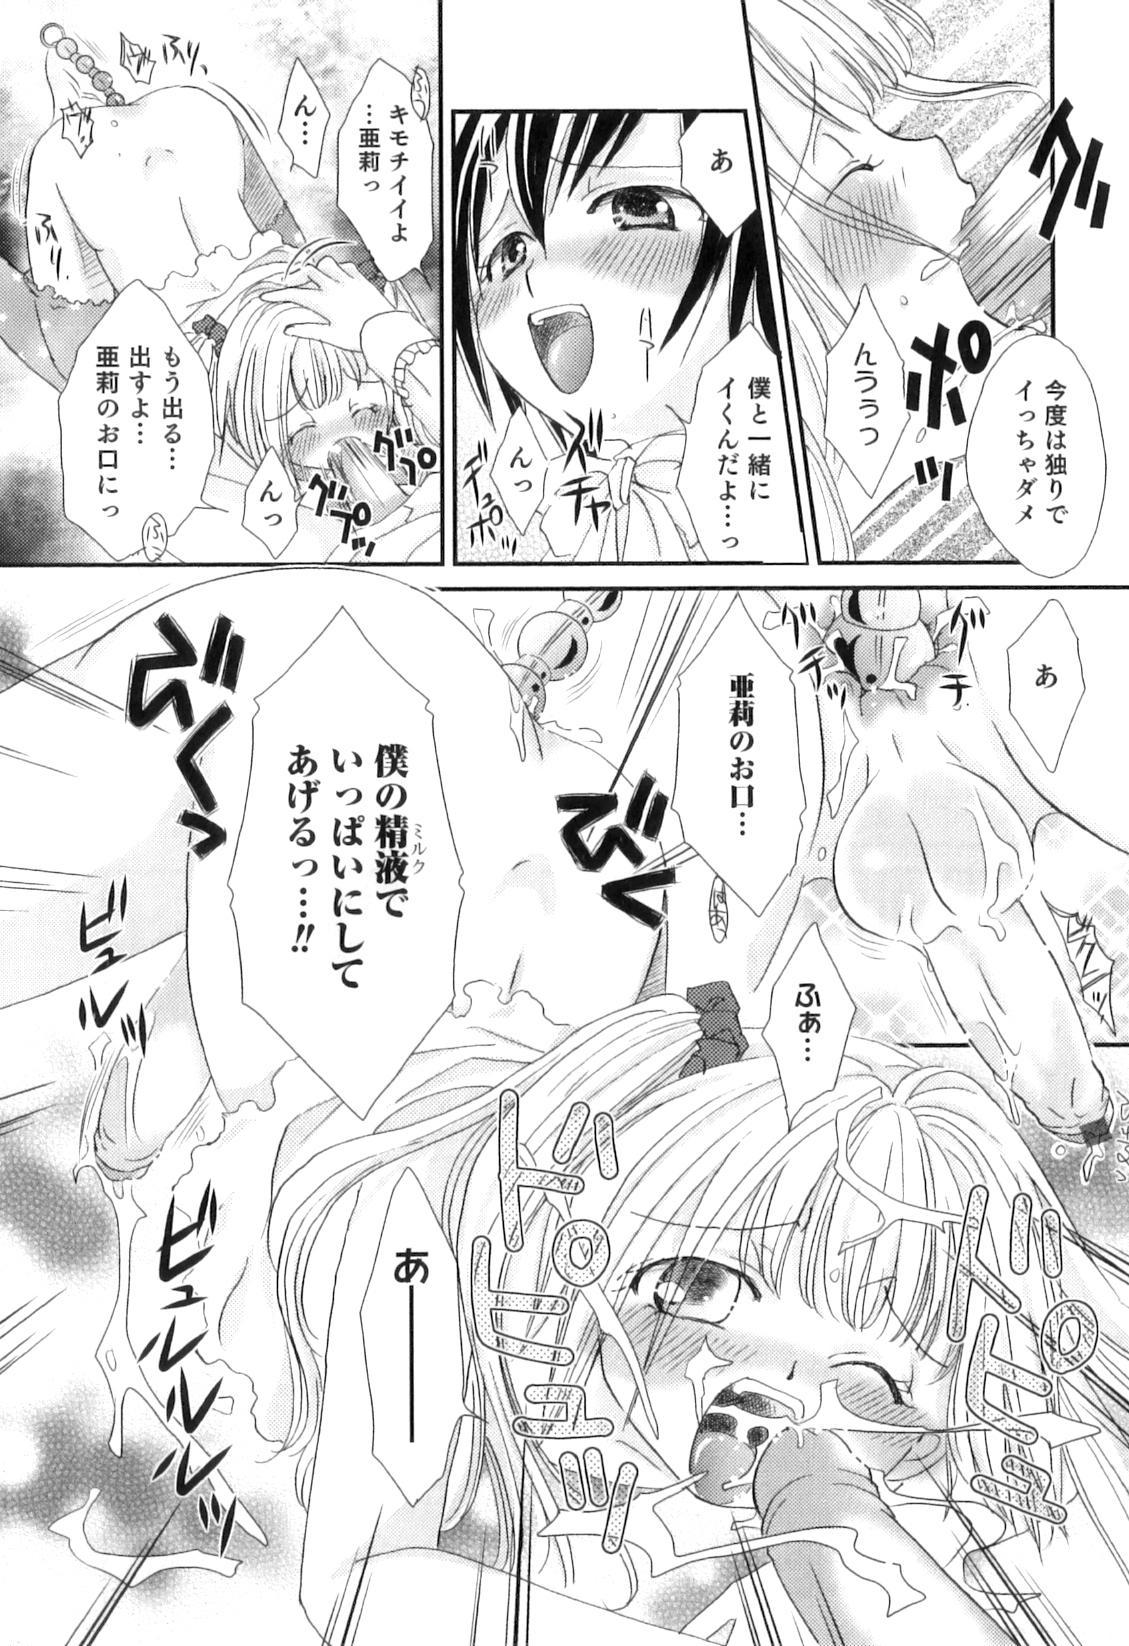 Otokonoko Heaven Vol. 09 105